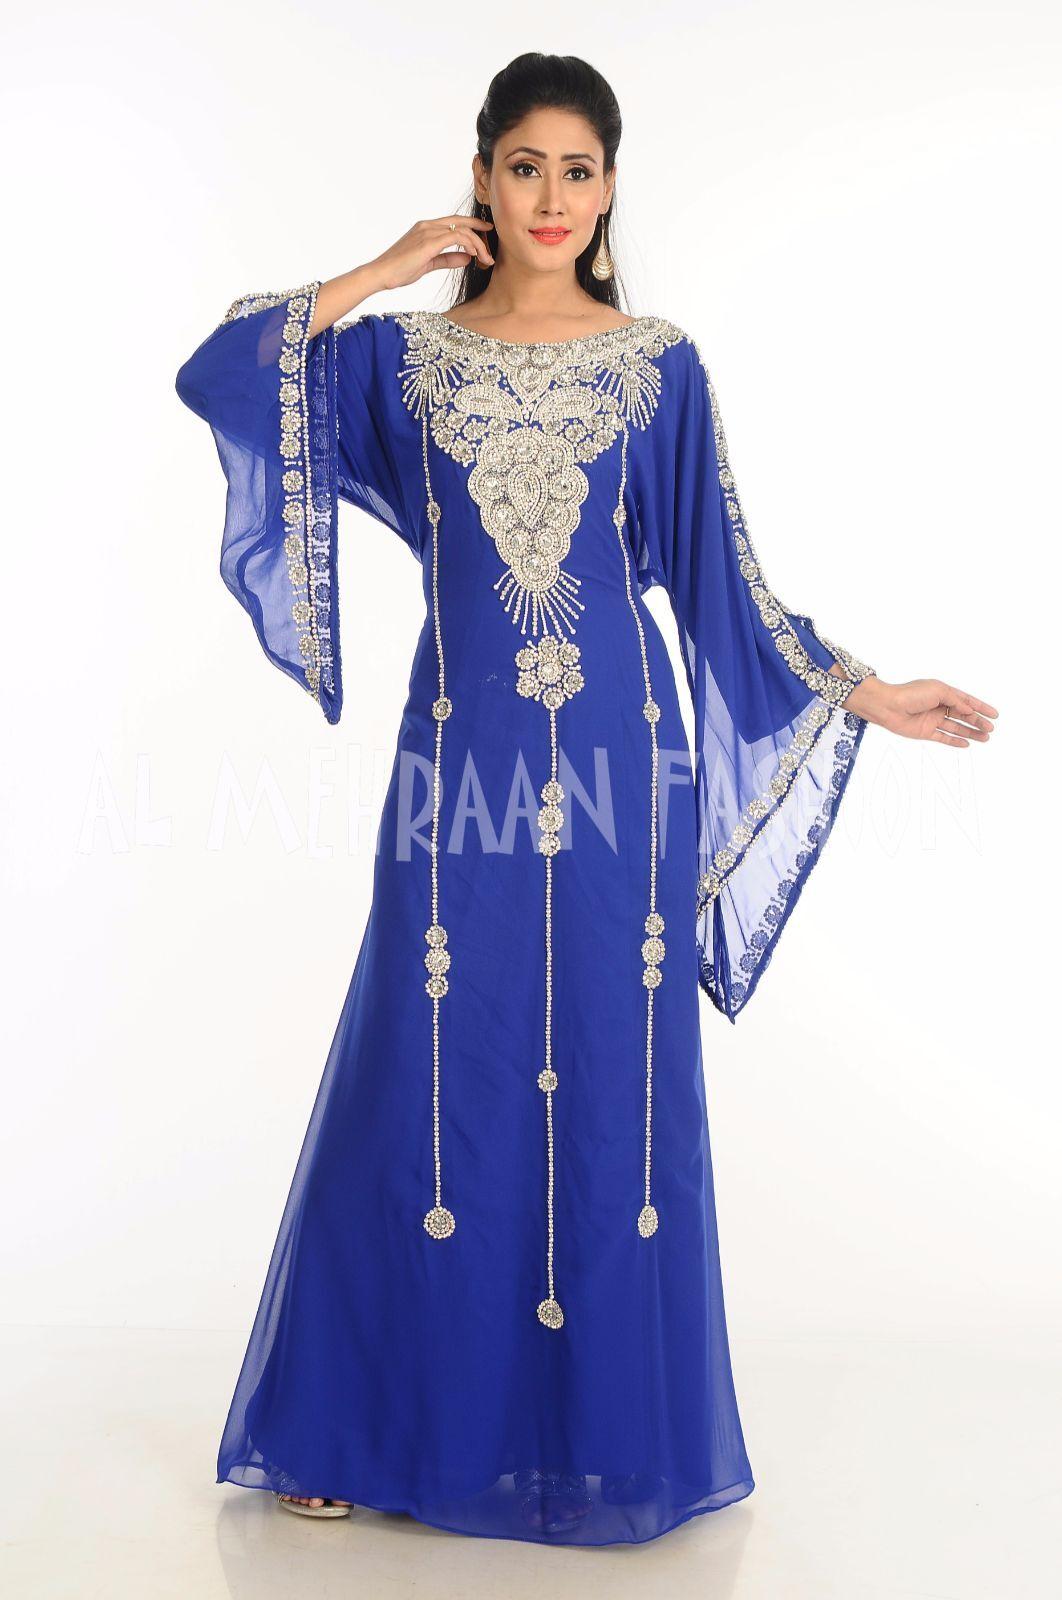 ELEGANT MgoldCCAN FANCY JILBAB JILBAB JILBAB ARABIAN DUBAI TAKSHITA WEDDING GOWN DRESS  180 a0a883